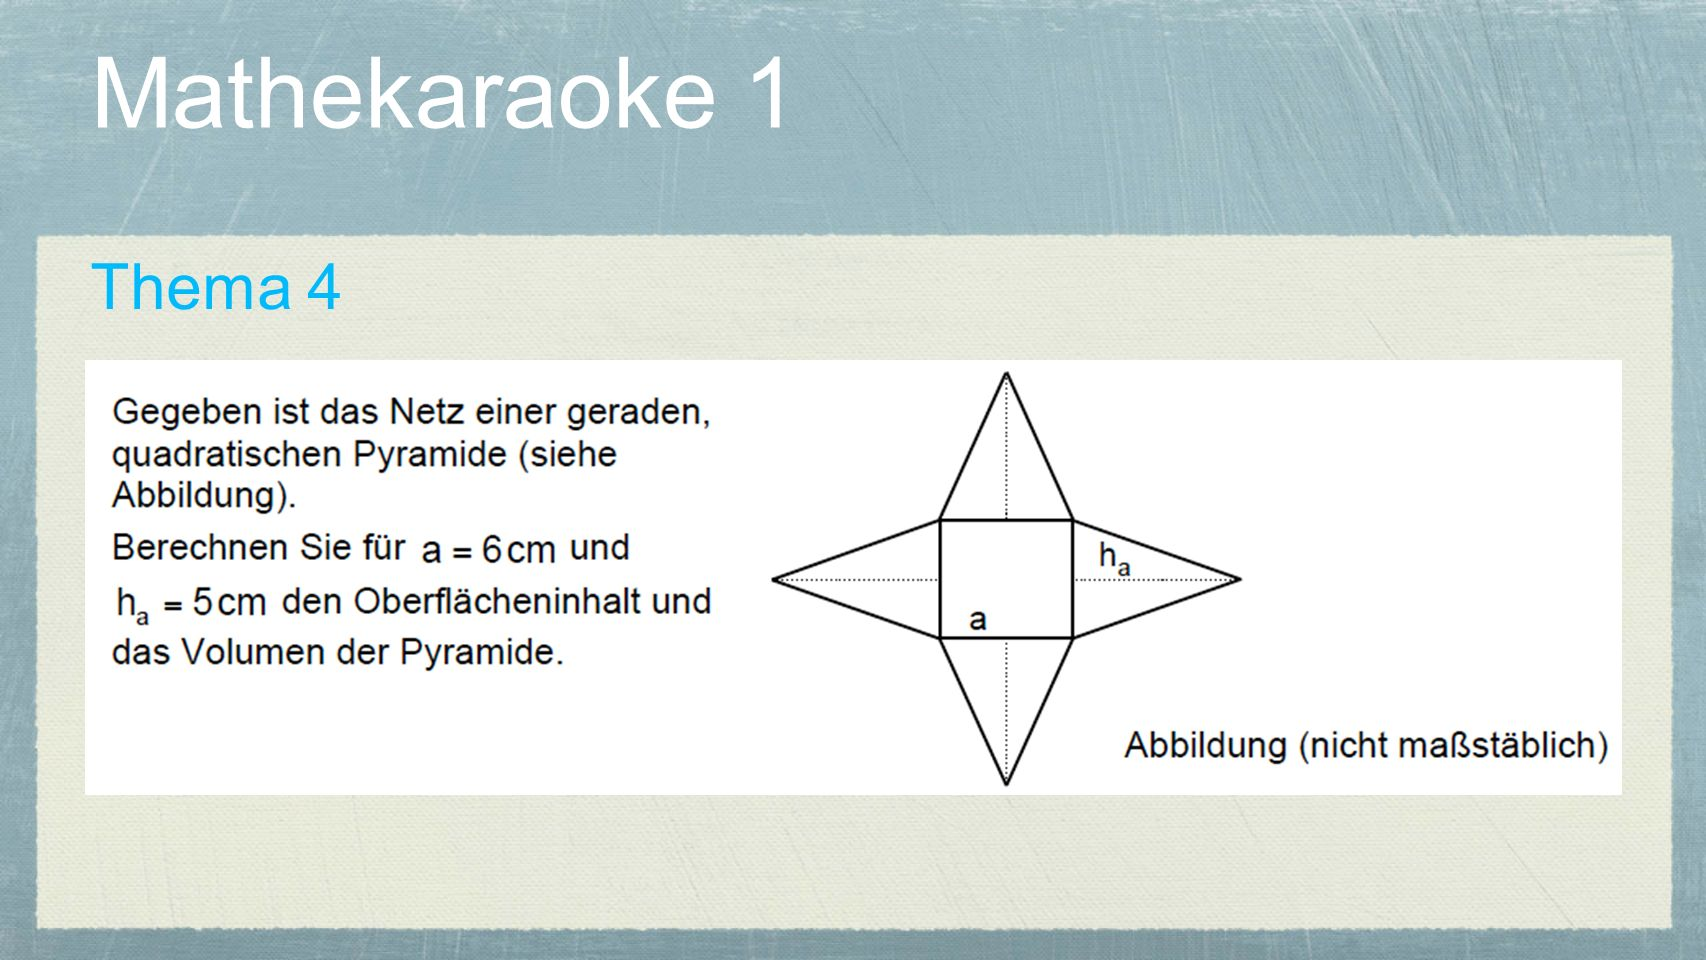 Mathekaraoke 1 Thema 4